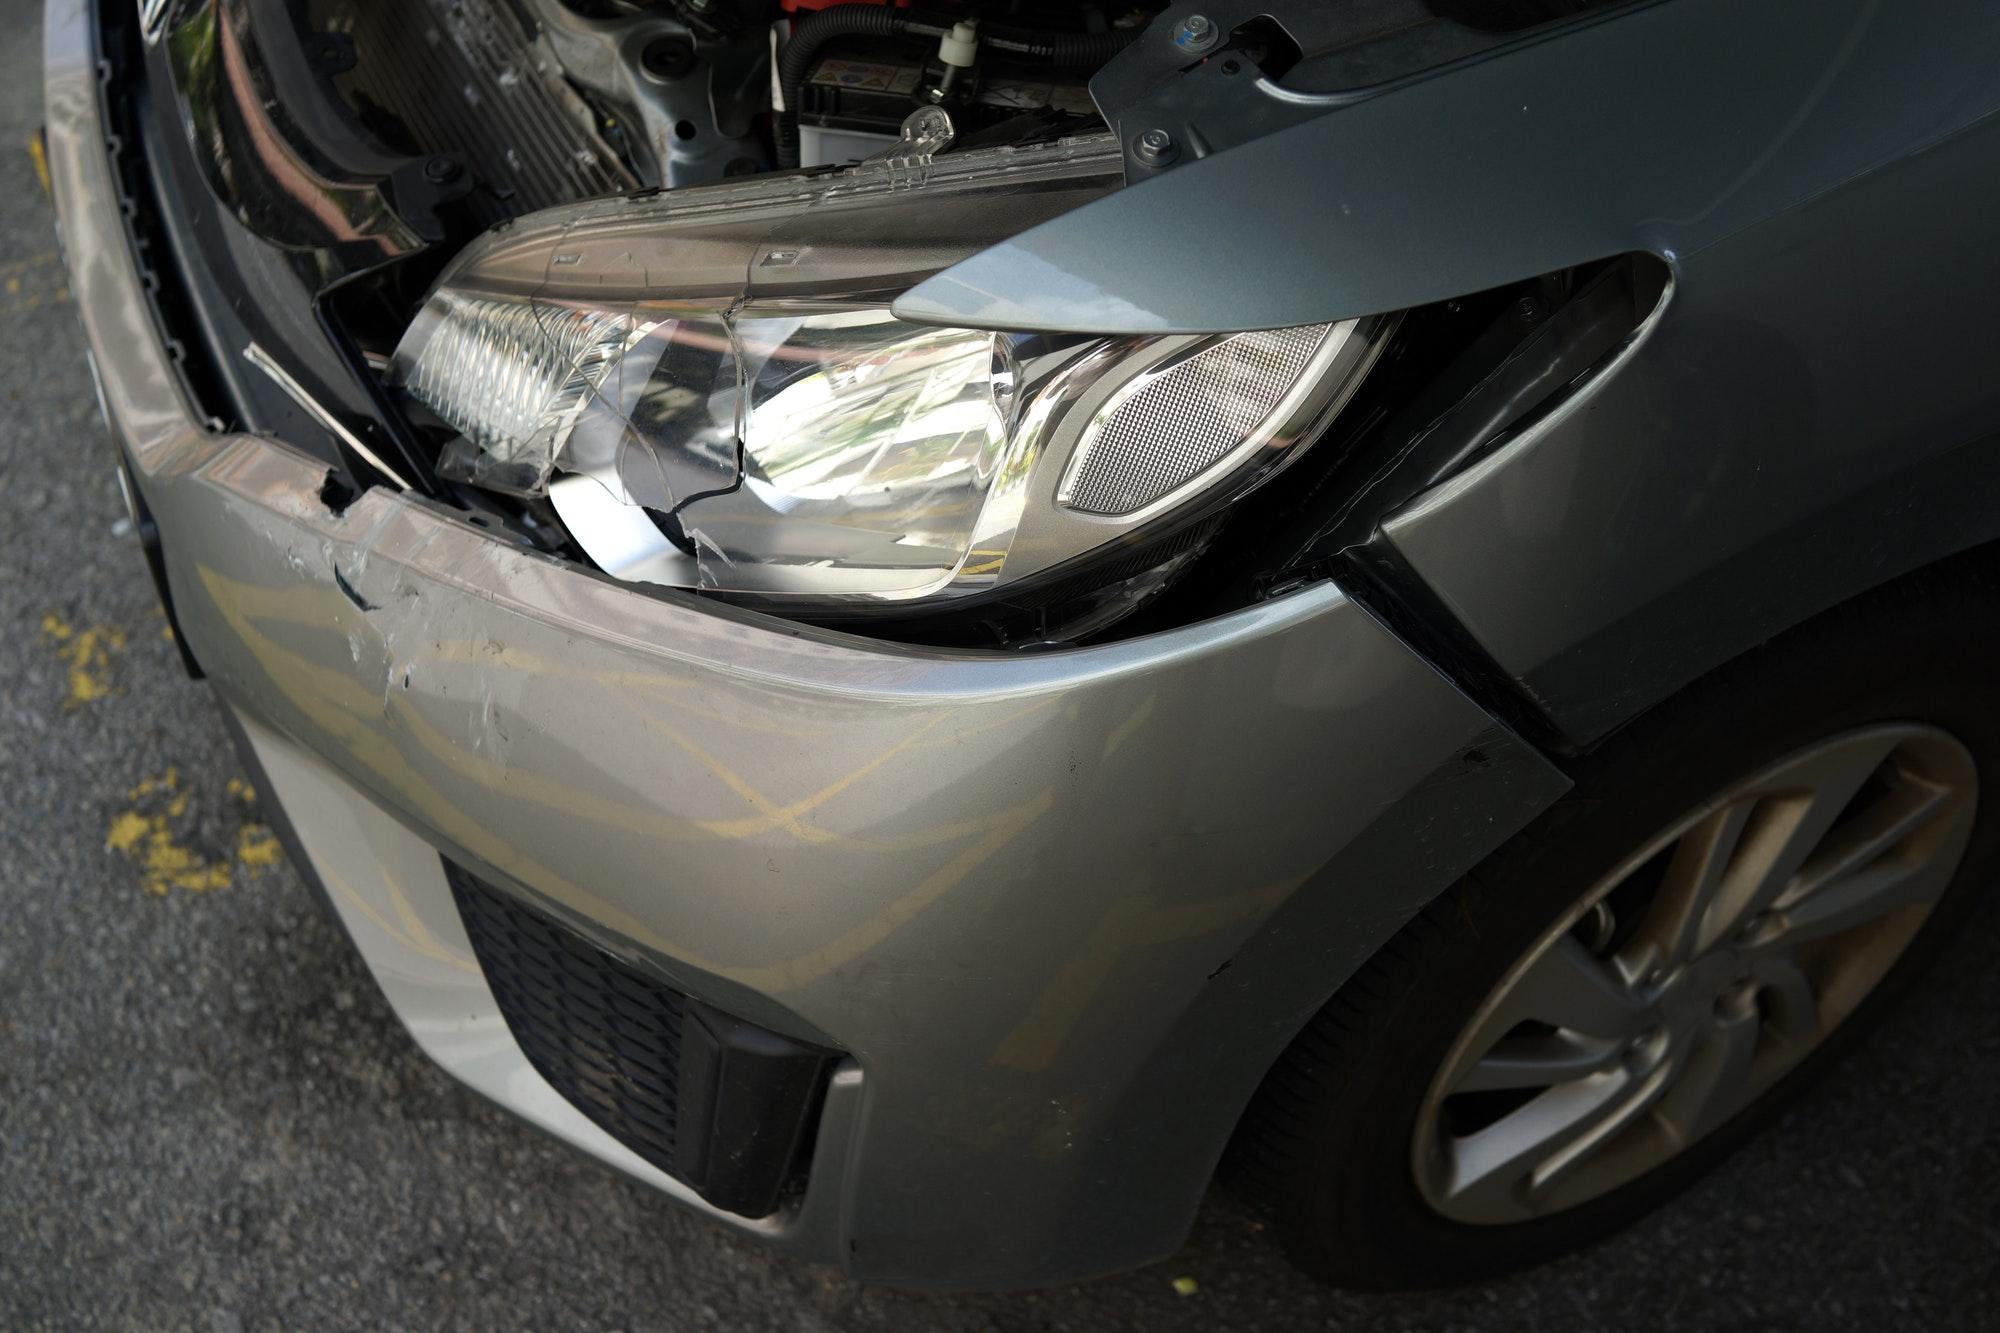 Crash car front view